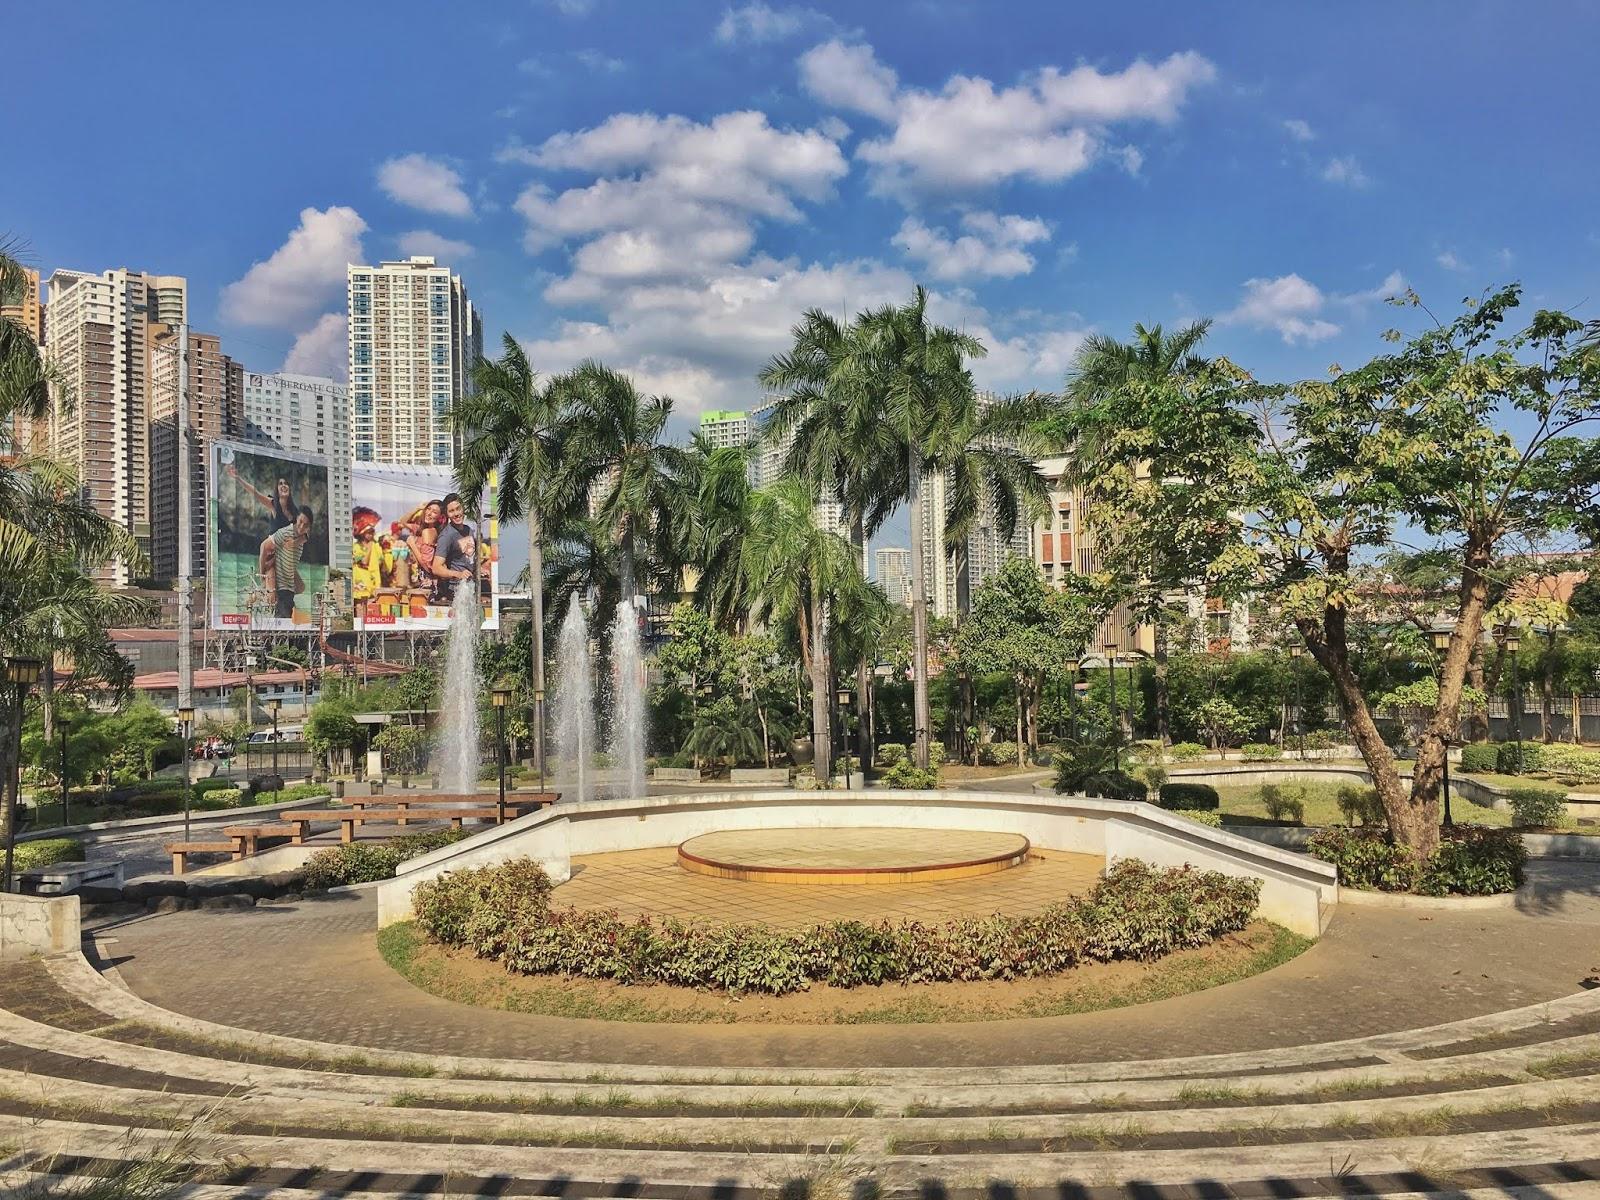 Public Parks in Metro Manila